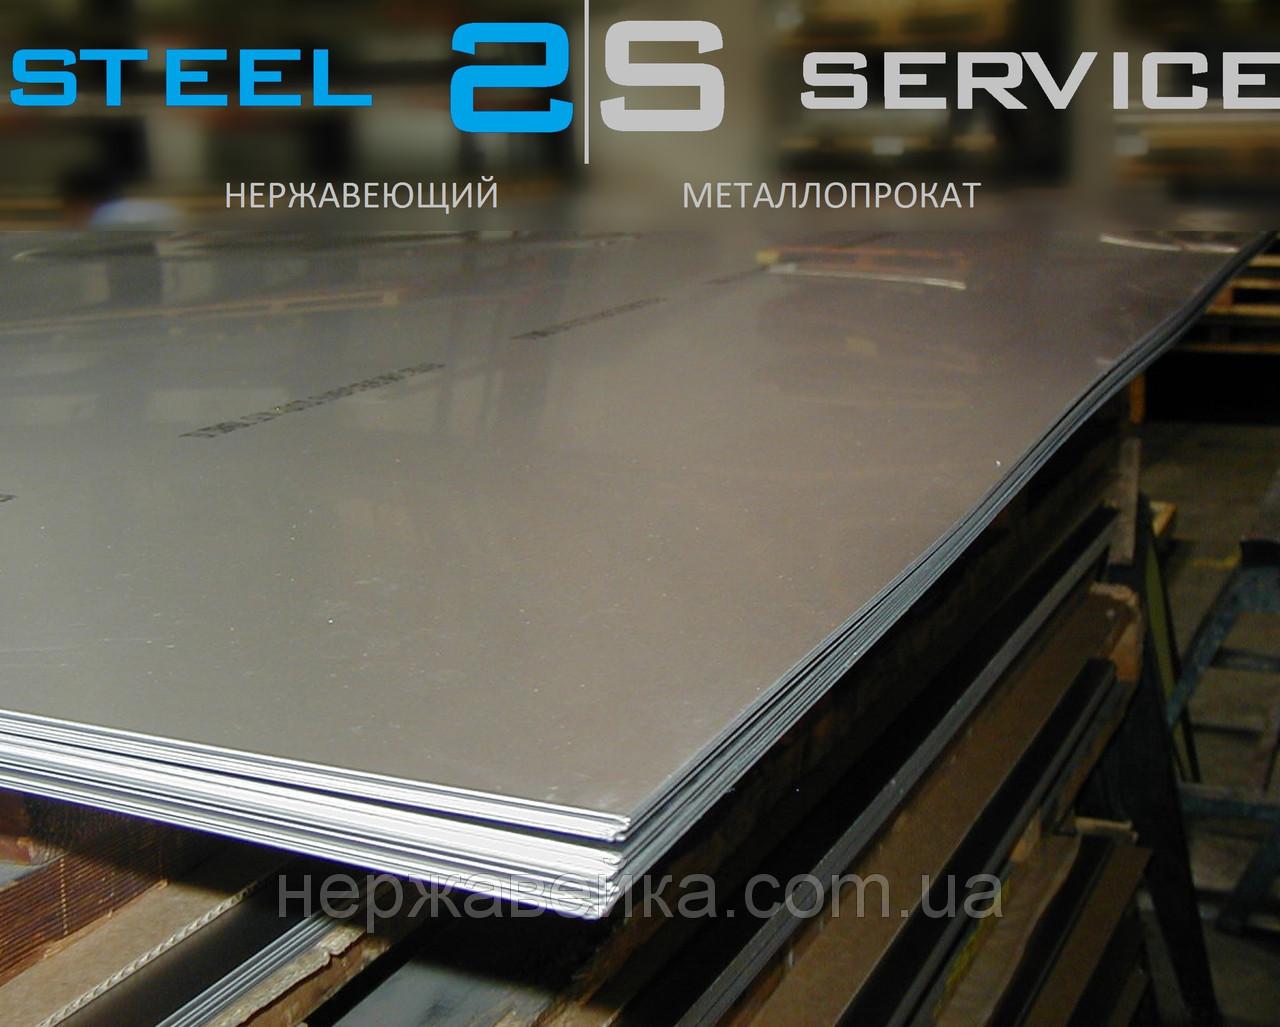 Нержавіючий лист 4х1250х2500мм AISI 316Ti(10Х17Н13М2Т) 2B - матовий, кислотостійкий